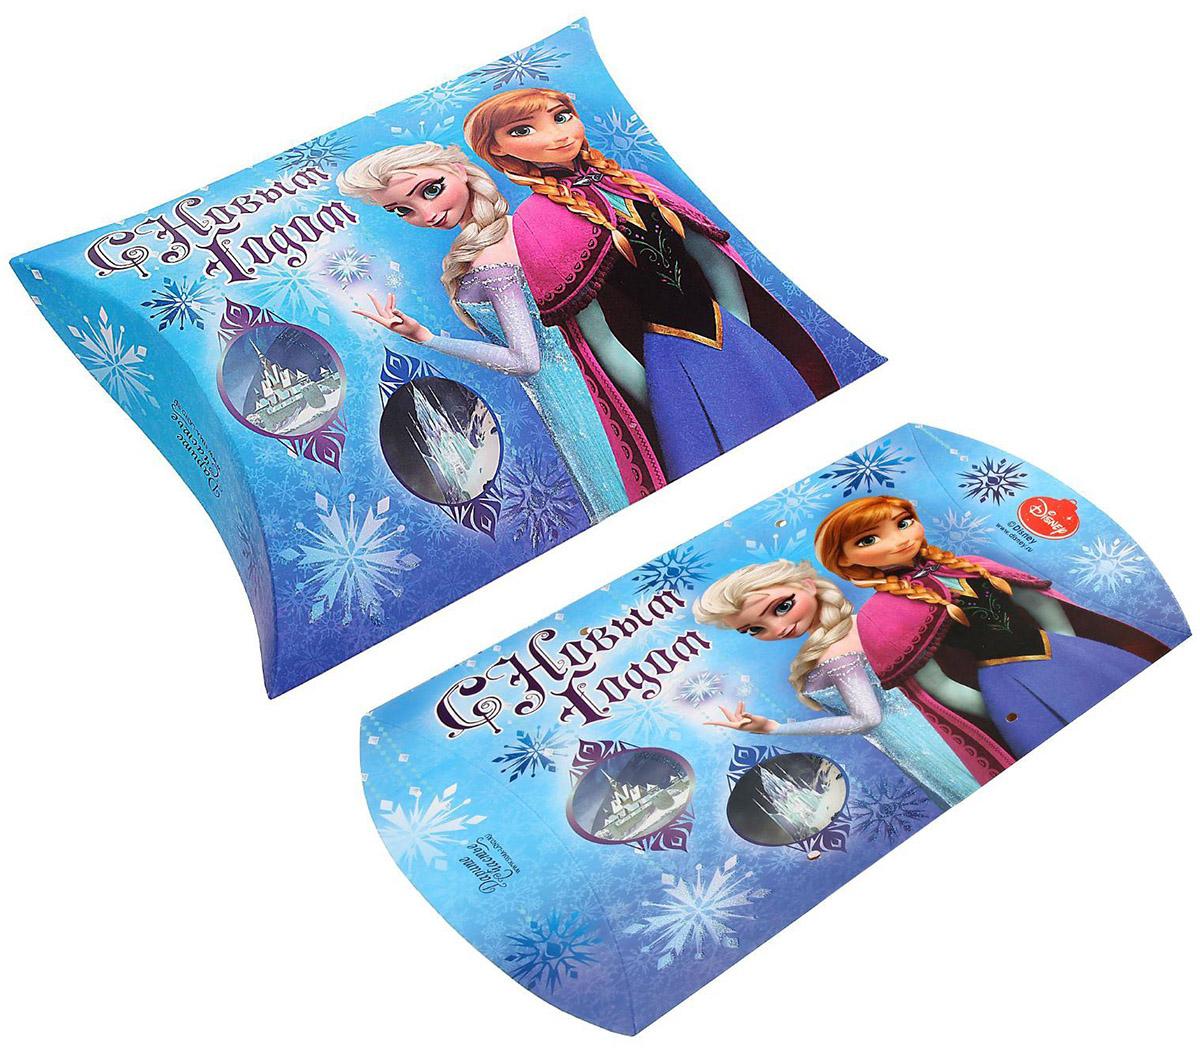 """Коробка сборная фигурная Disney """"Холодное сердце. С новым годом!"""" выполнена из картона. Любой подарок начинается с упаковки. Что может быть трогательнее и волшебнее, чем ритуал разворачивания полученного презента. И именно оригинальная, со вкусом выбранная упаковка выделит ваш подарок из массы других. Она продемонстрирует самые теплые чувства к виновнику торжества и создаст сказочную атмосферу праздника."""